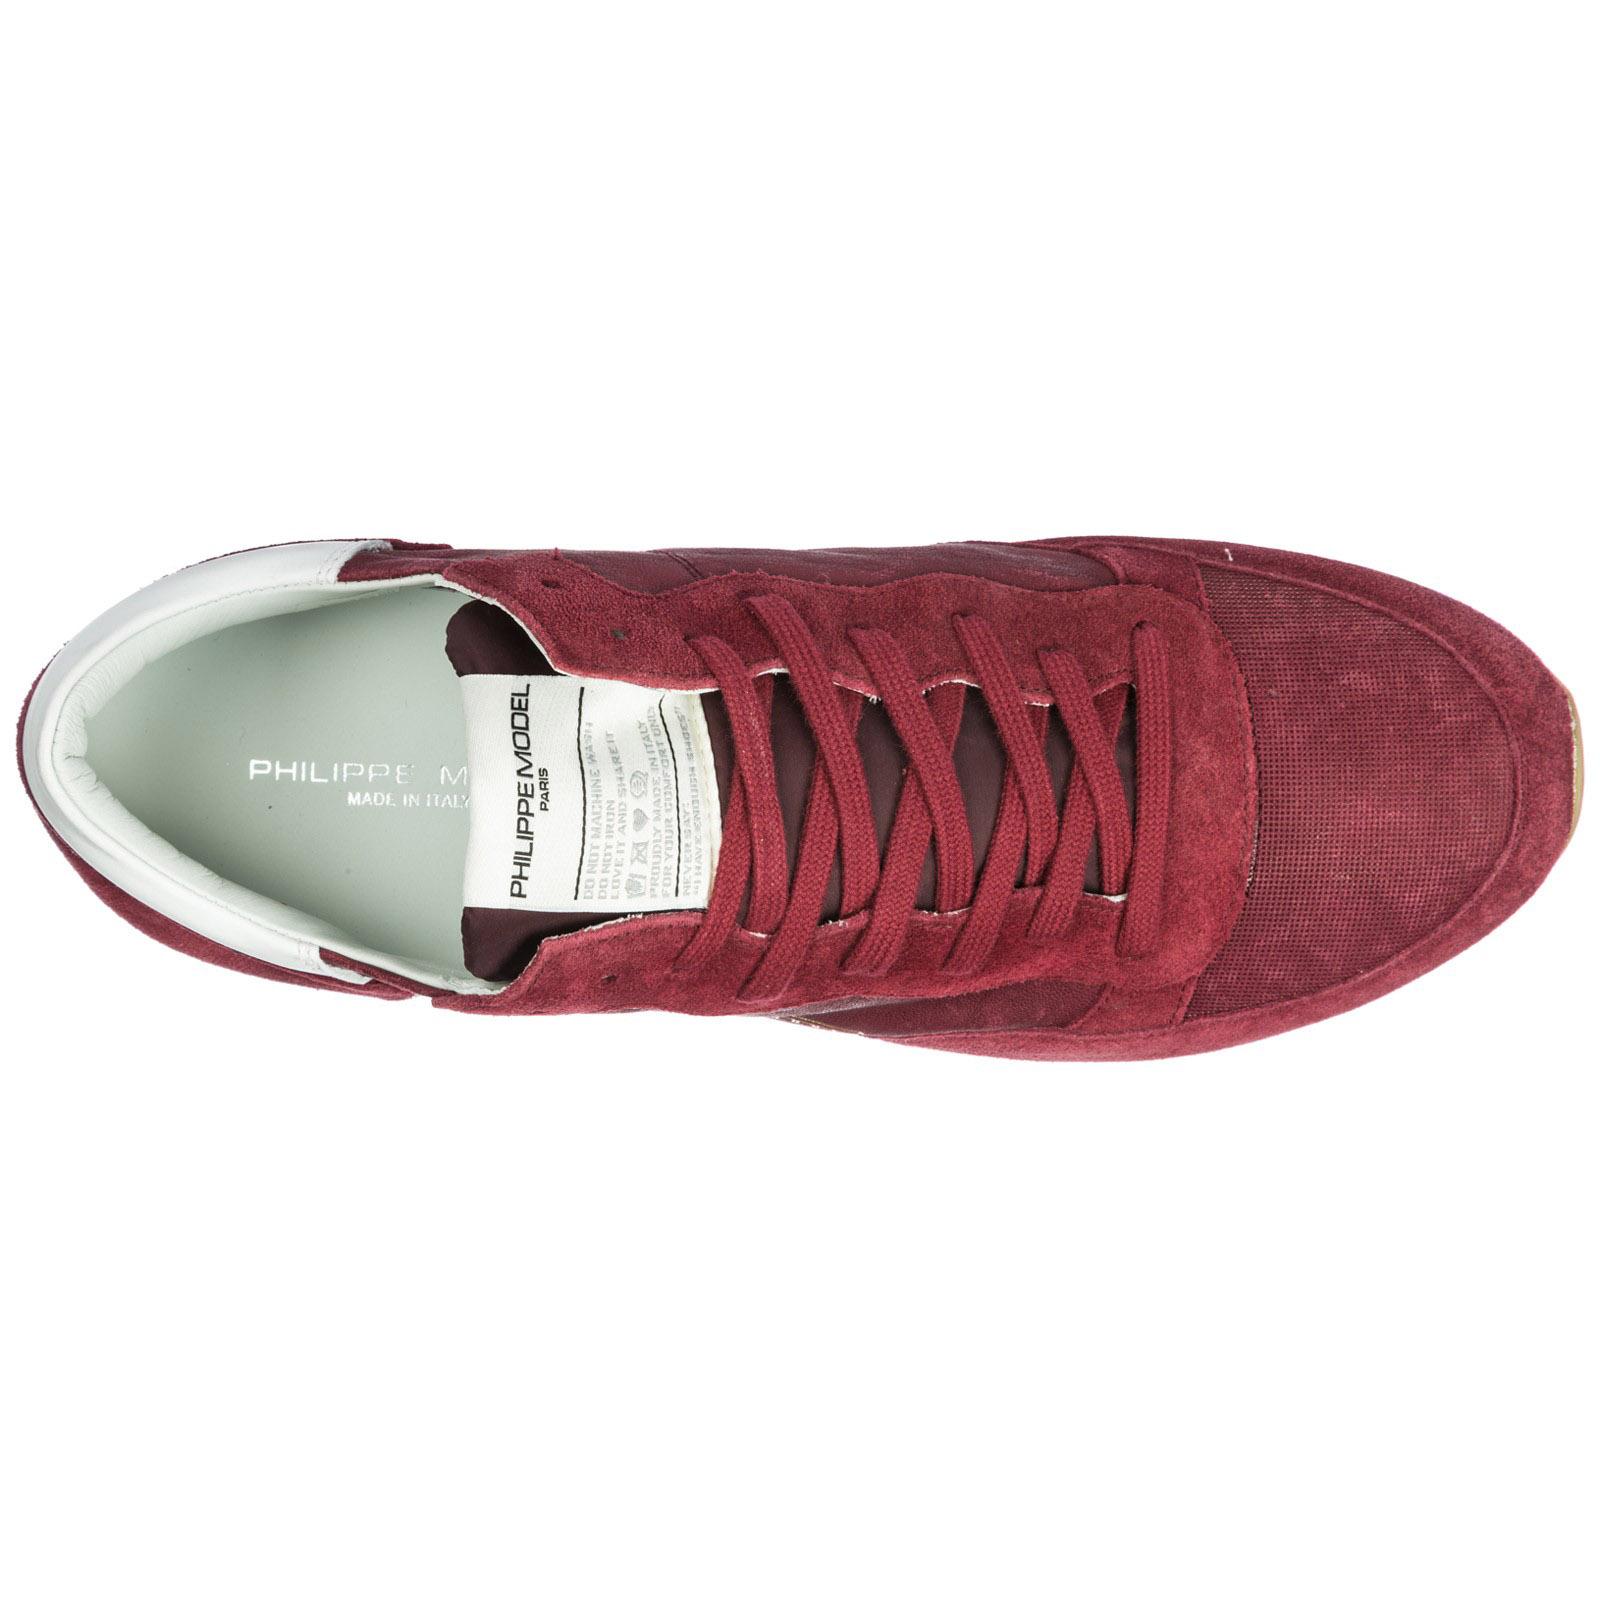 Men's shoes suede trainers sneakers tropez vintage